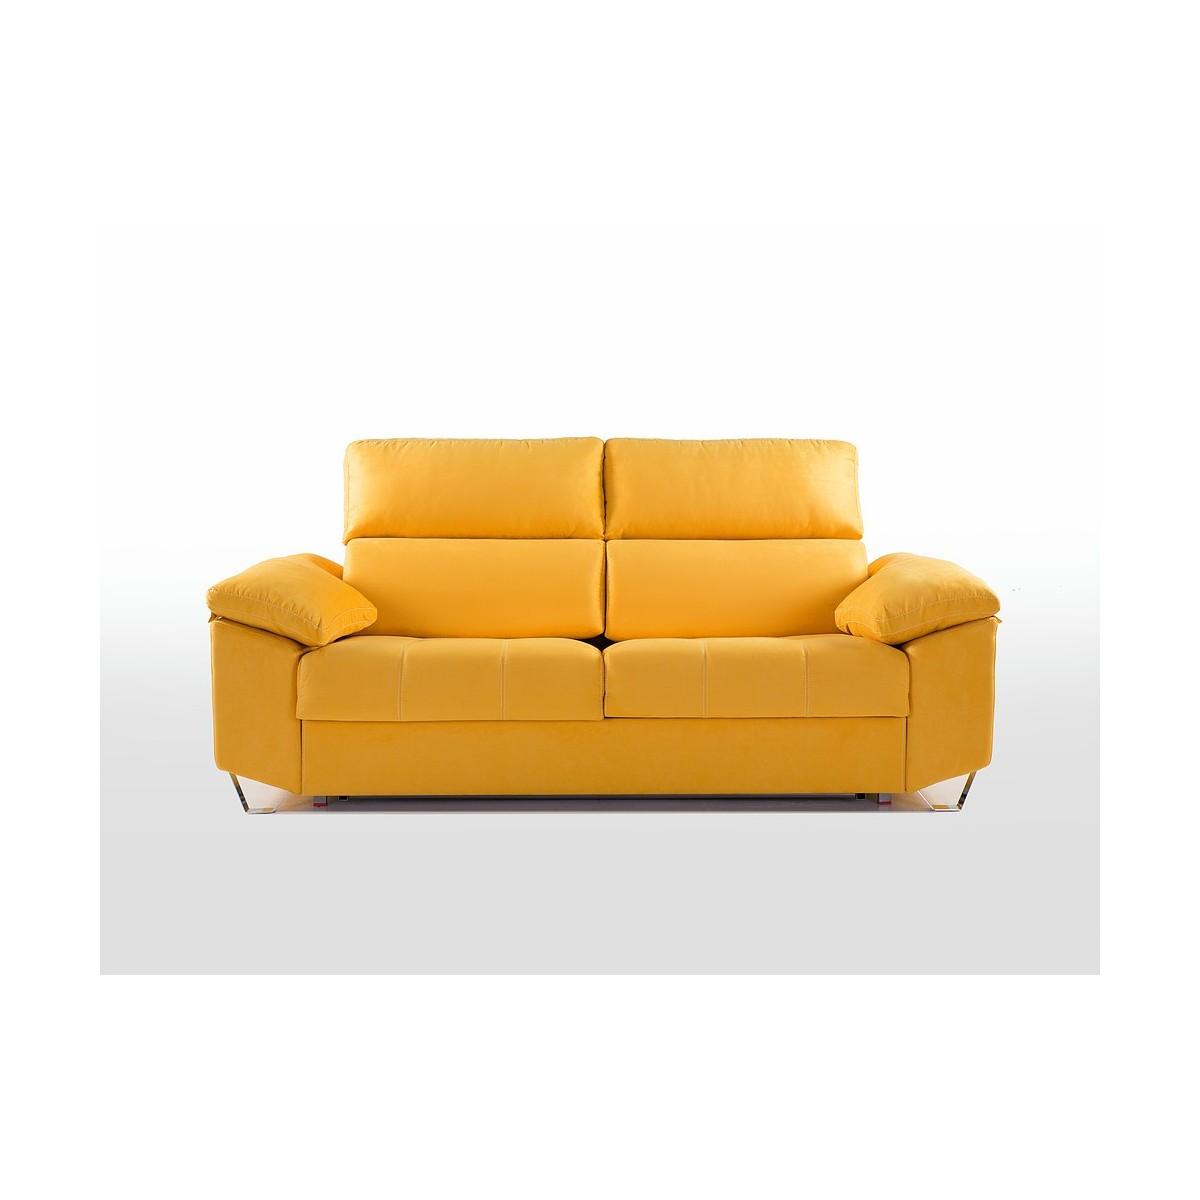 Sof cama carla mubeko - El mejor sofa cama del mercado ...